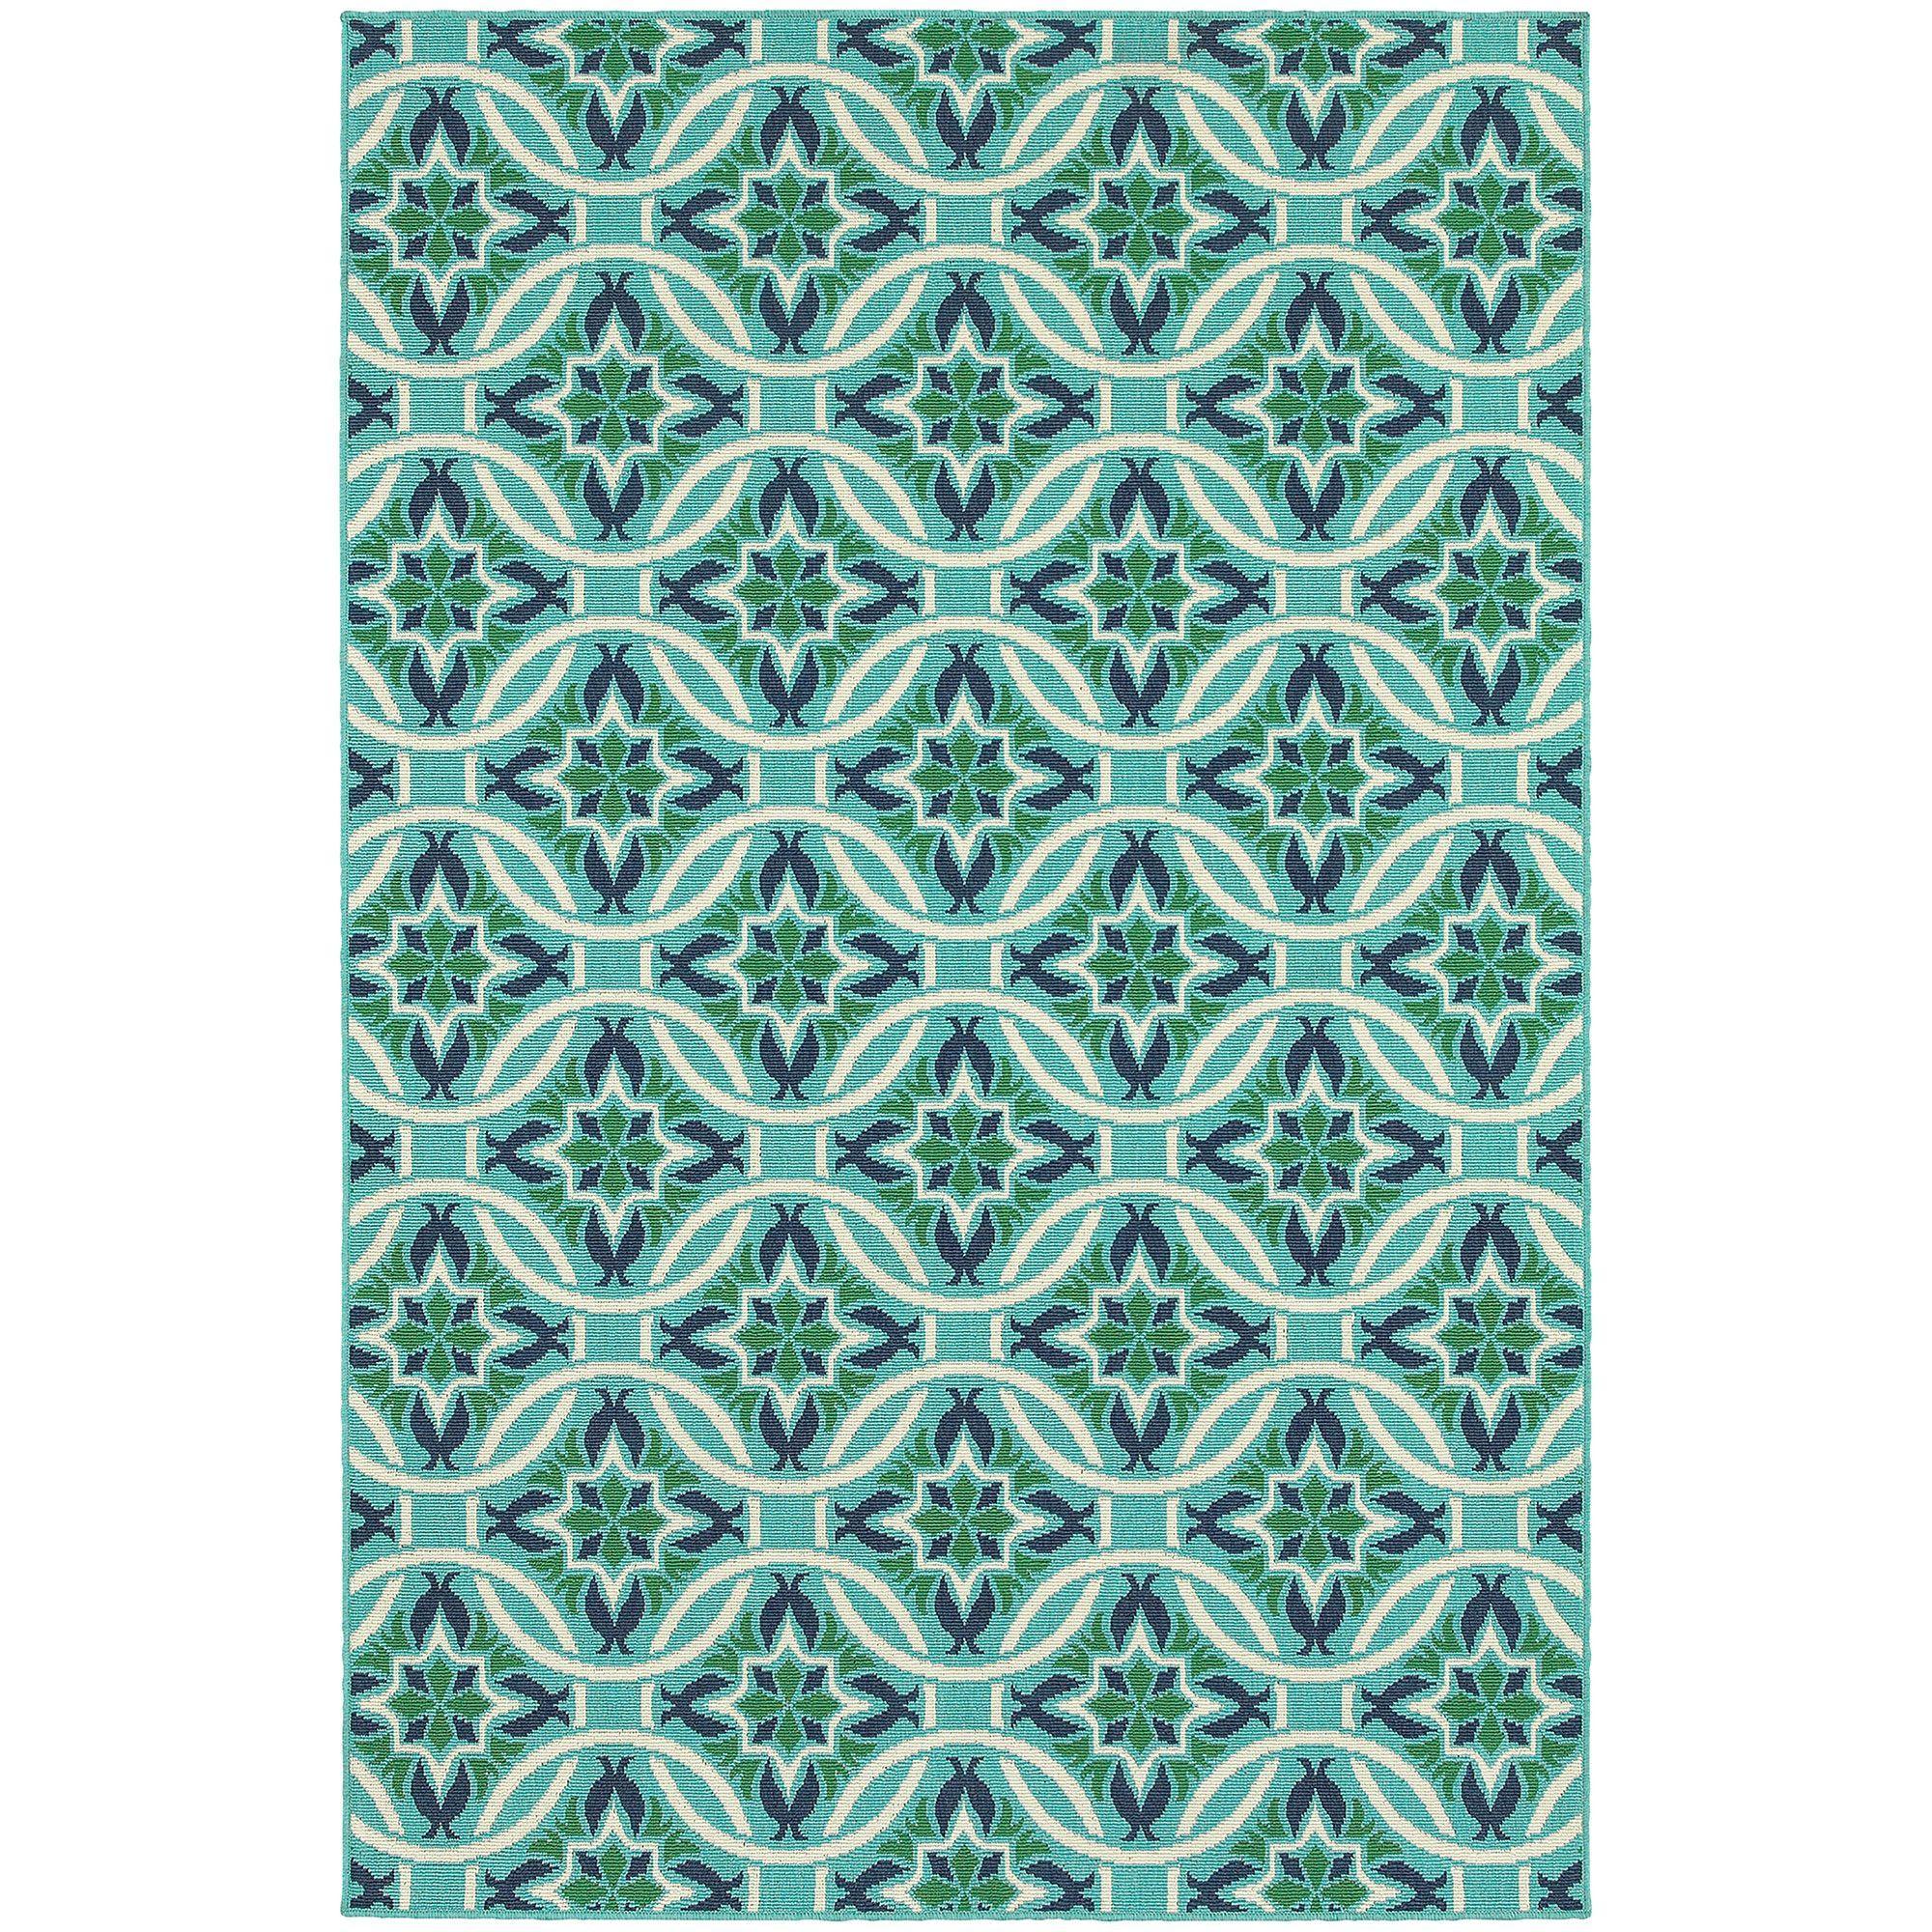 Cortlandt Blue/Green Indoor/Outdoor Area Rug